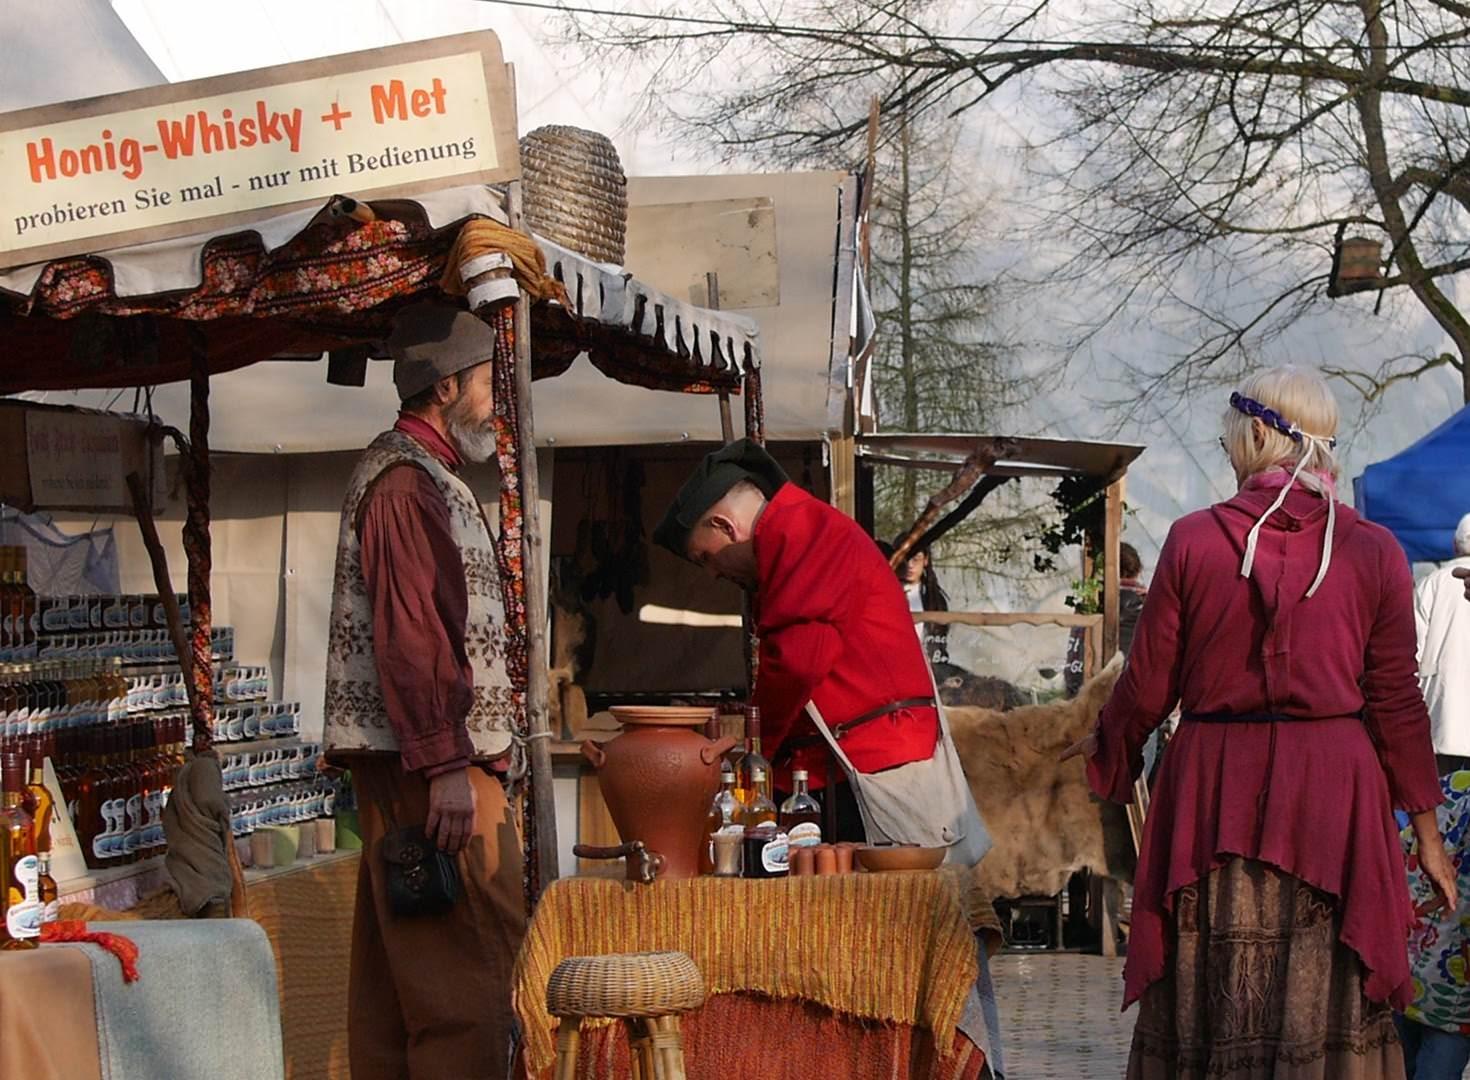 Mittelaltermarkt im Herzogenriedpark (Archivbild 2015) | Foto: Neckarstadtblog